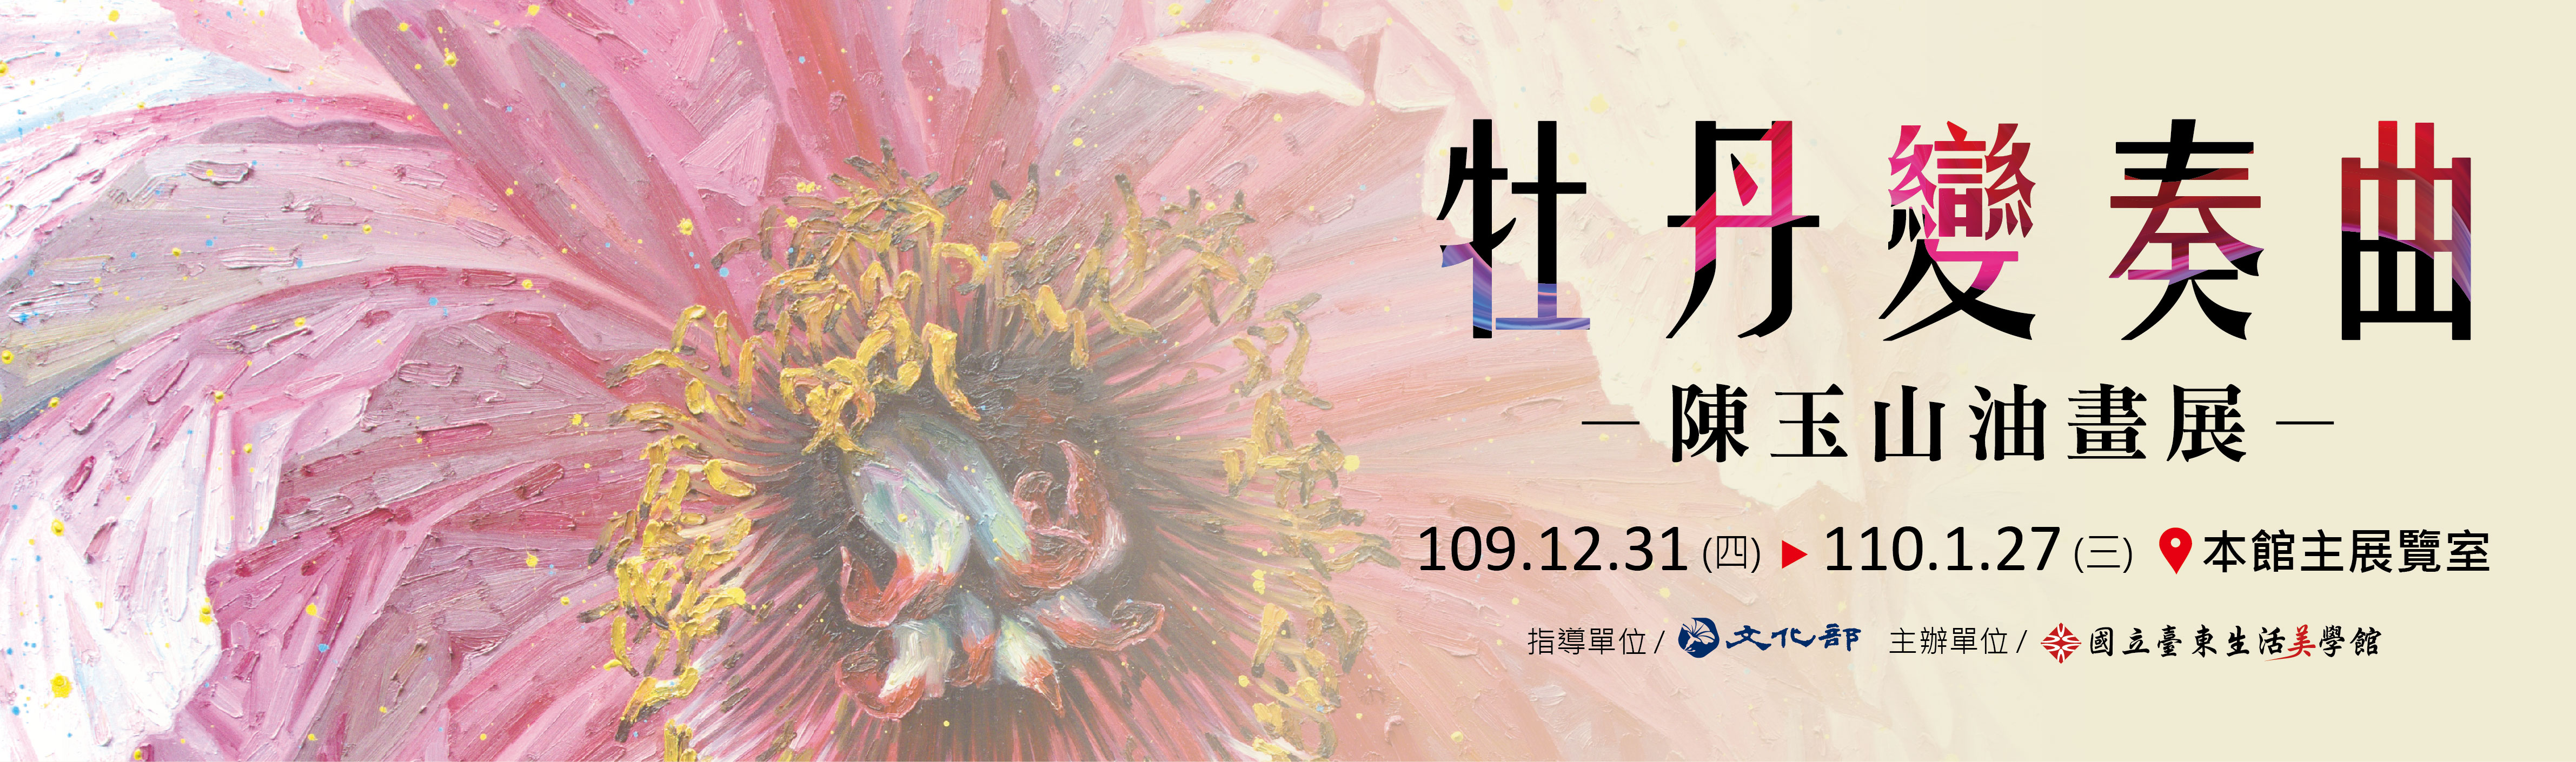 牡丹變奏曲—陳玉山油畫展